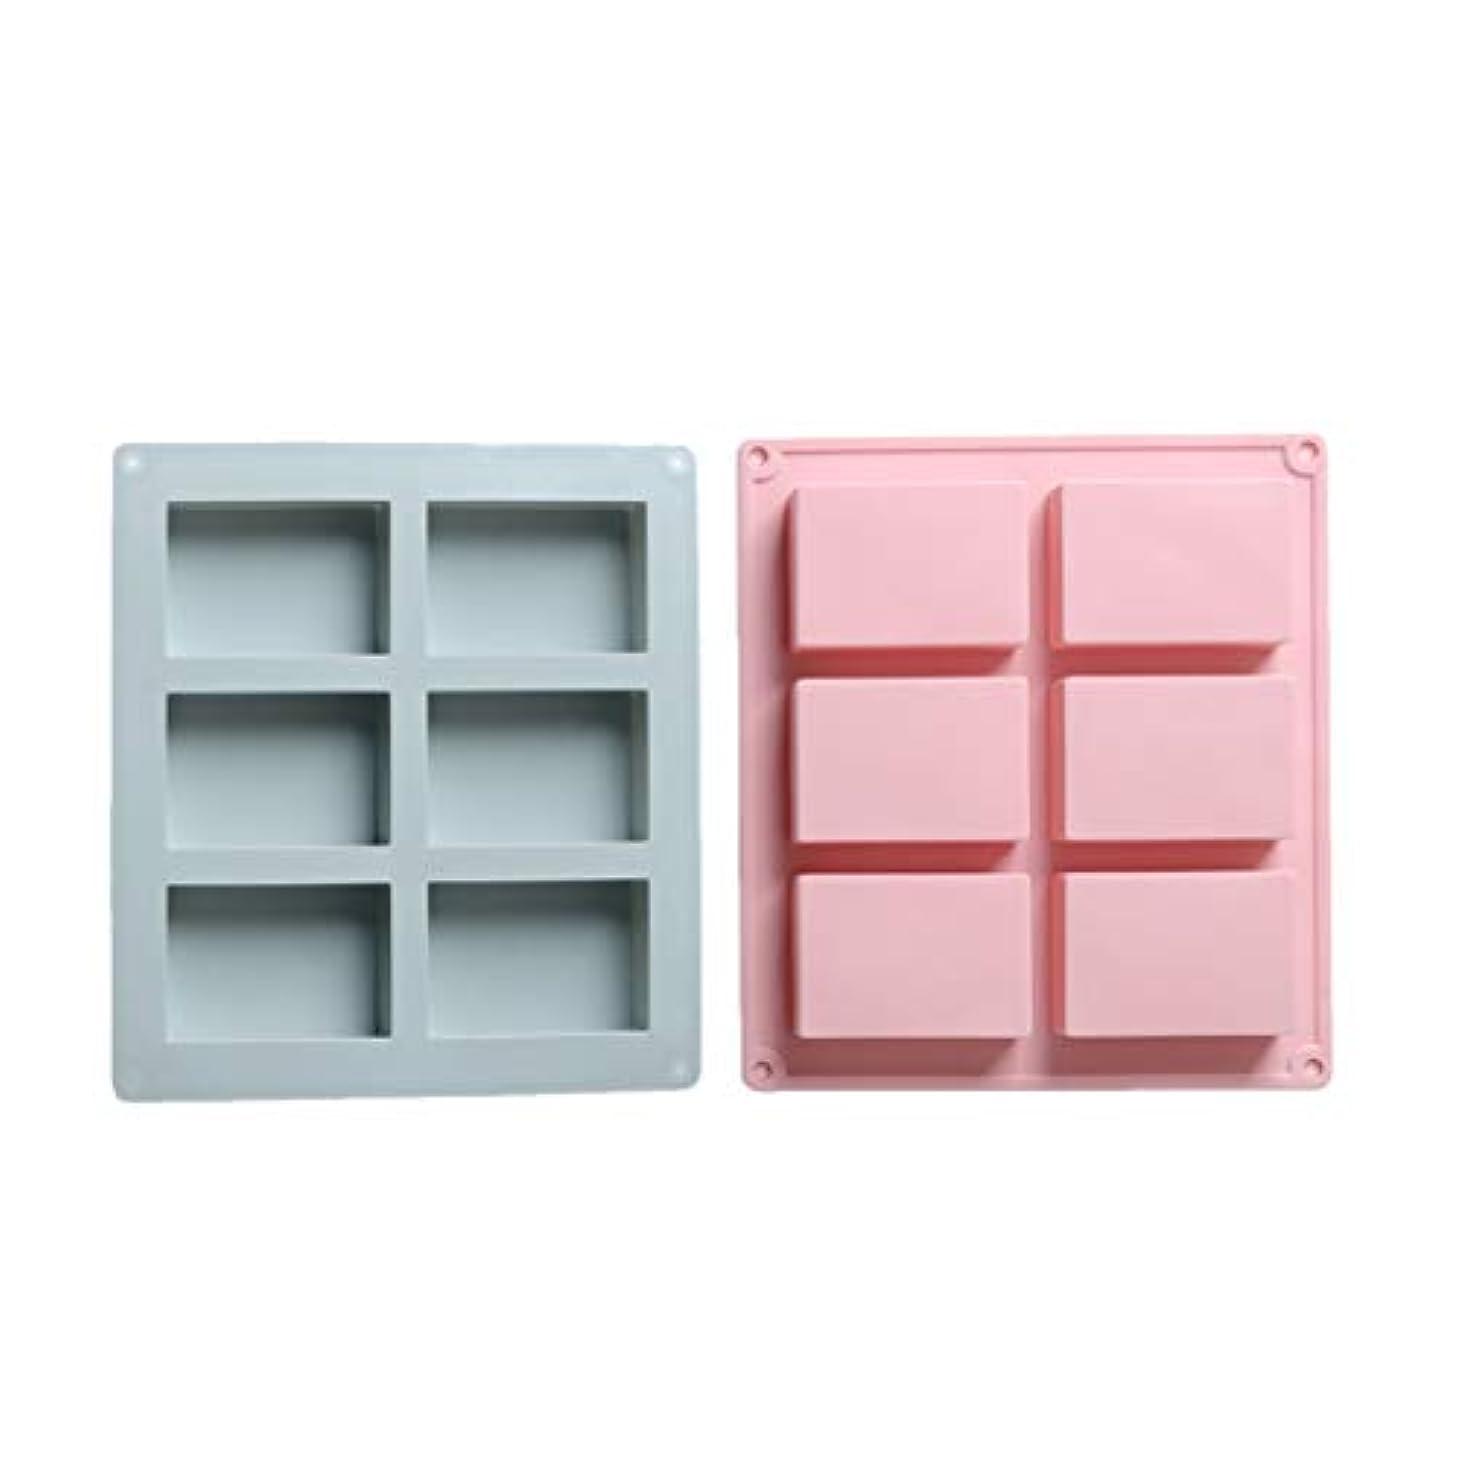 メロドラマ懲らしめ眩惑するSUPVOX シリコン長方形モールドソープチョコレートキャンドルとゼリーブラウン2個(青とピンク)を作るための6つのキャビティ